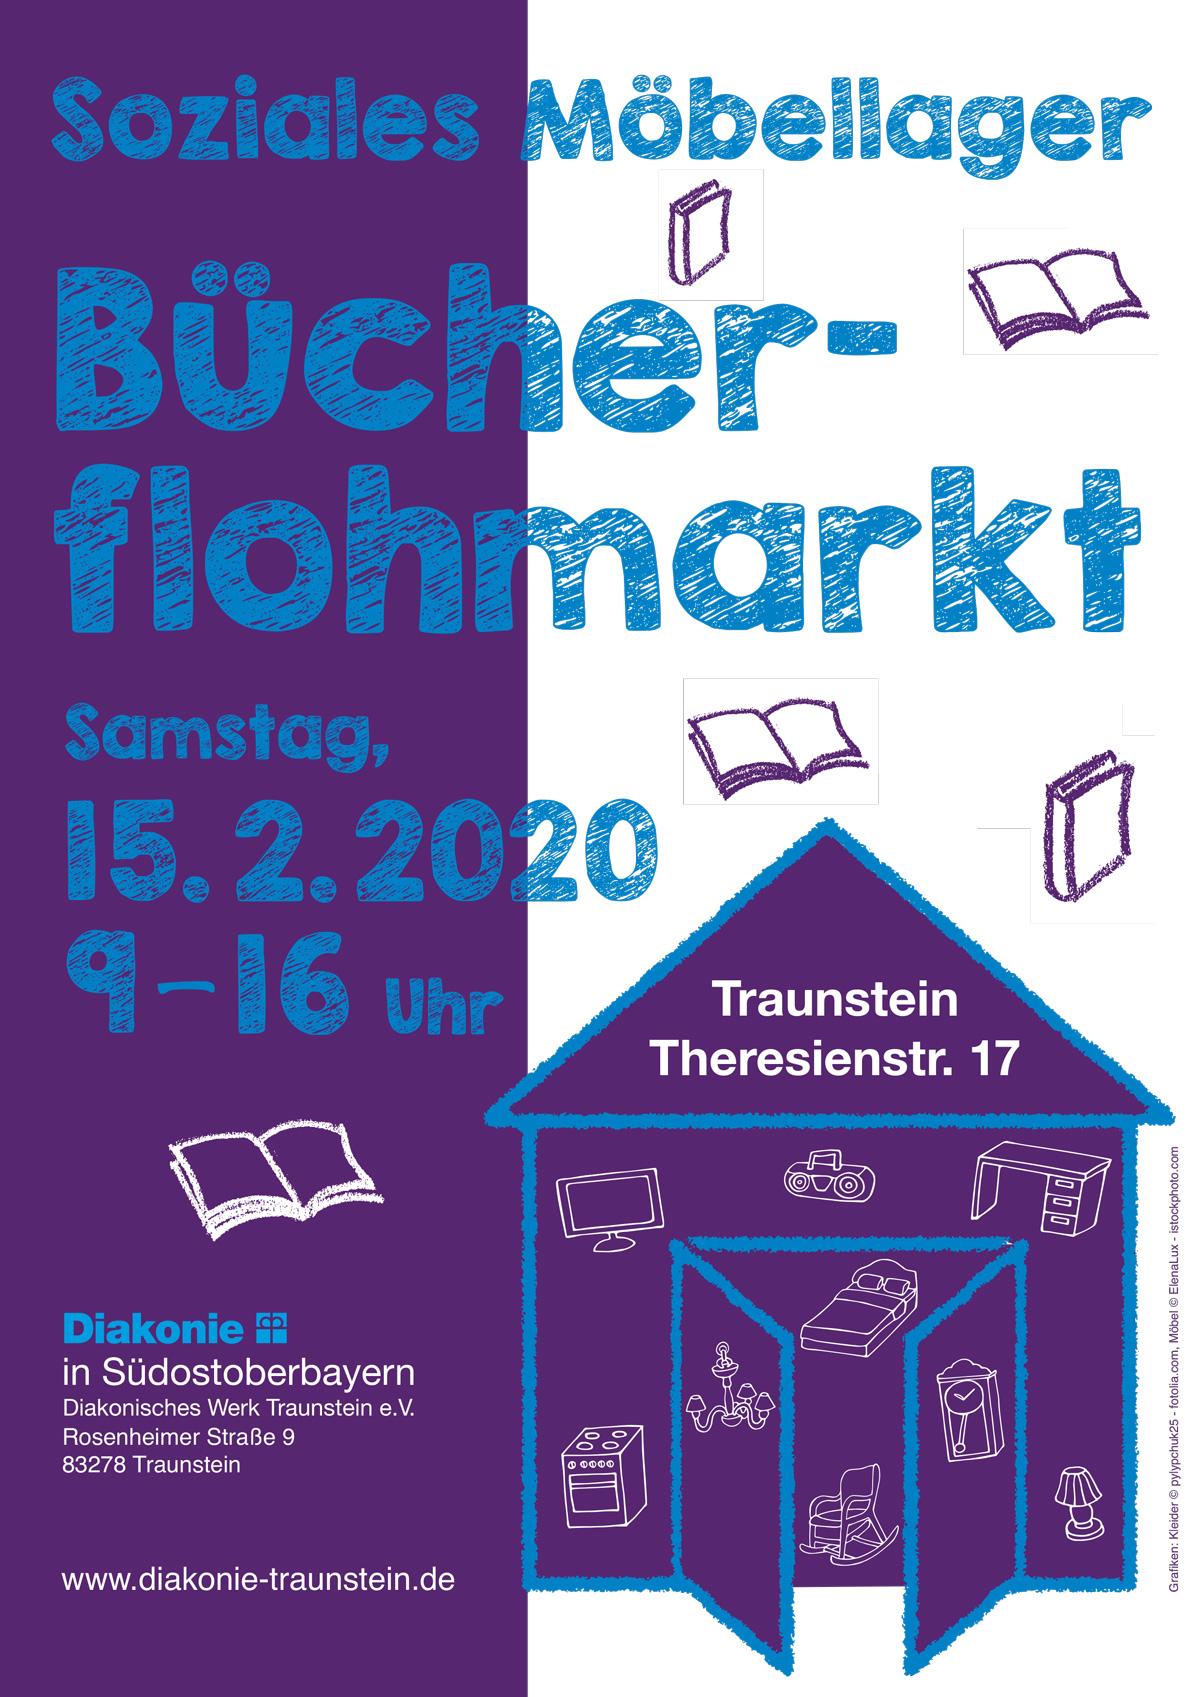 Bücherflohmarkt Möbellager